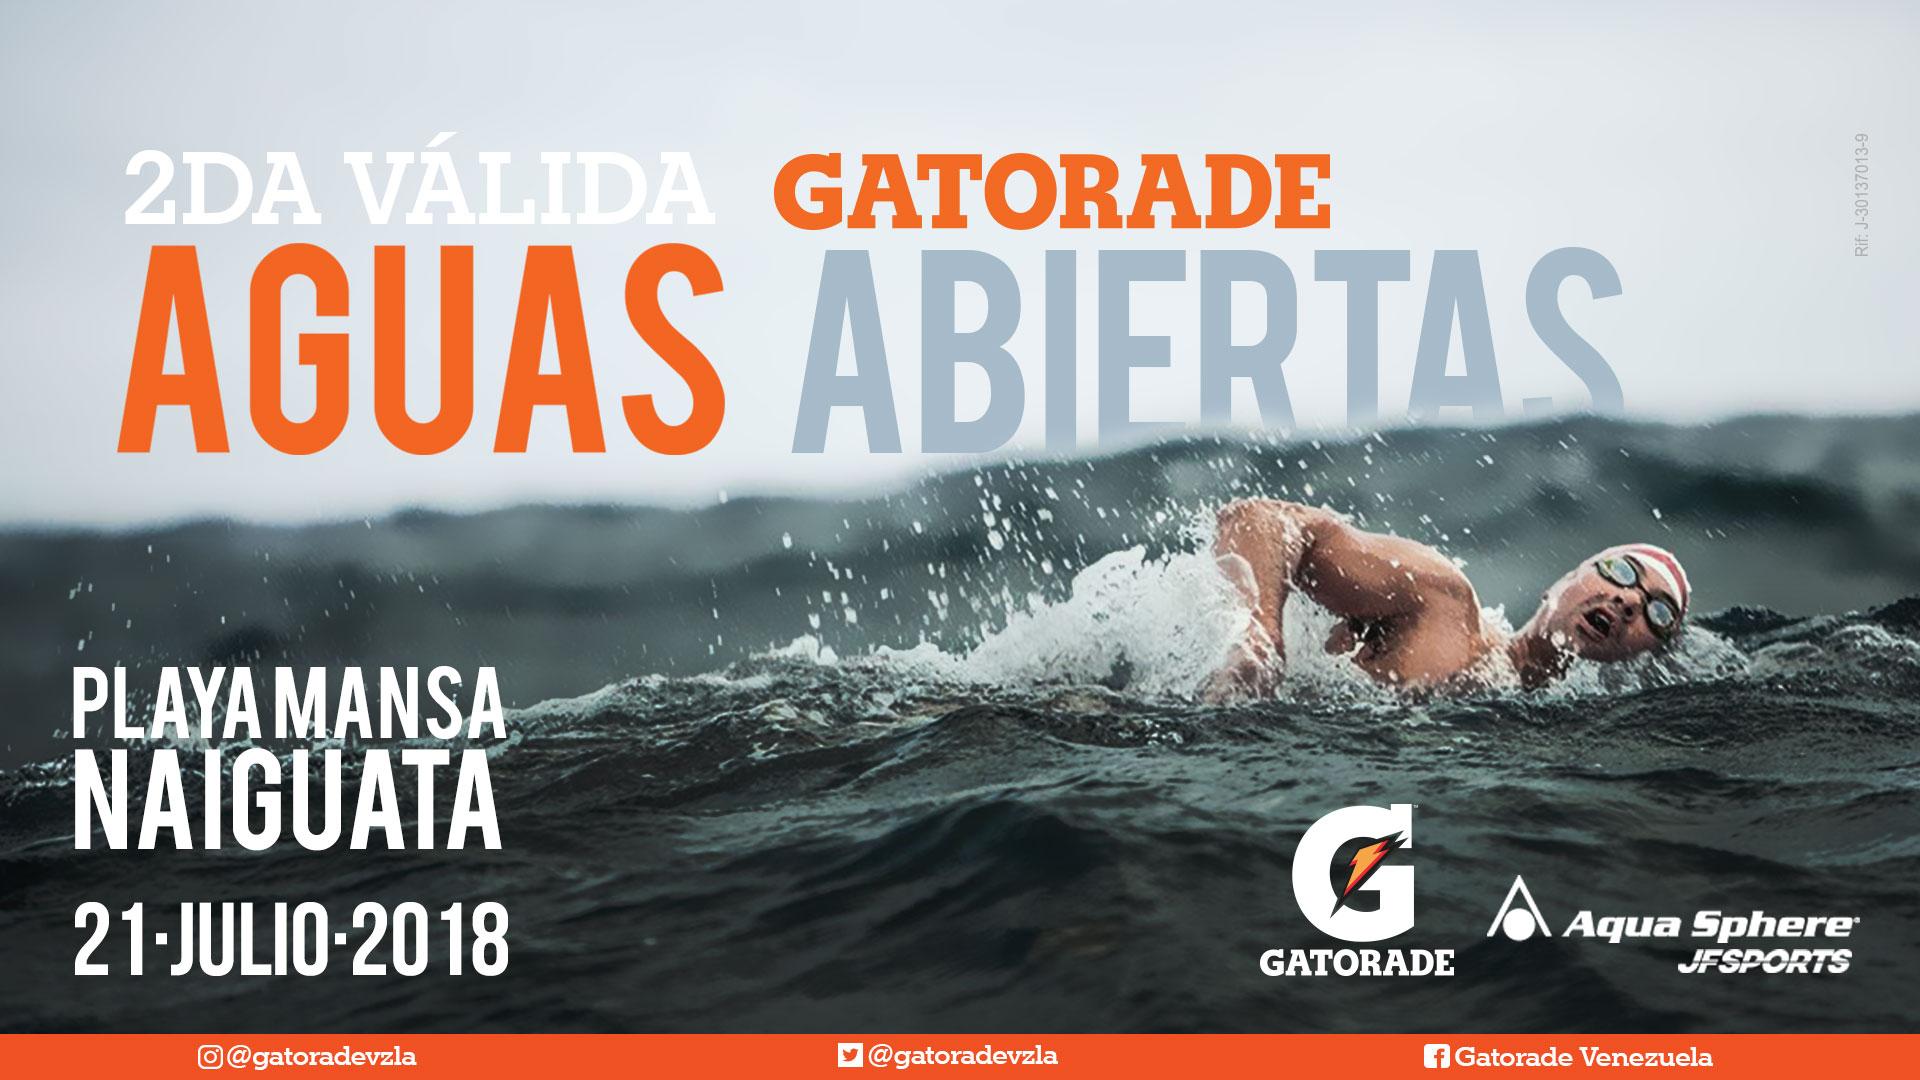 2da Válida Circuito Gatorade Aguas Abiertas - Copa AquaSphere JFSports